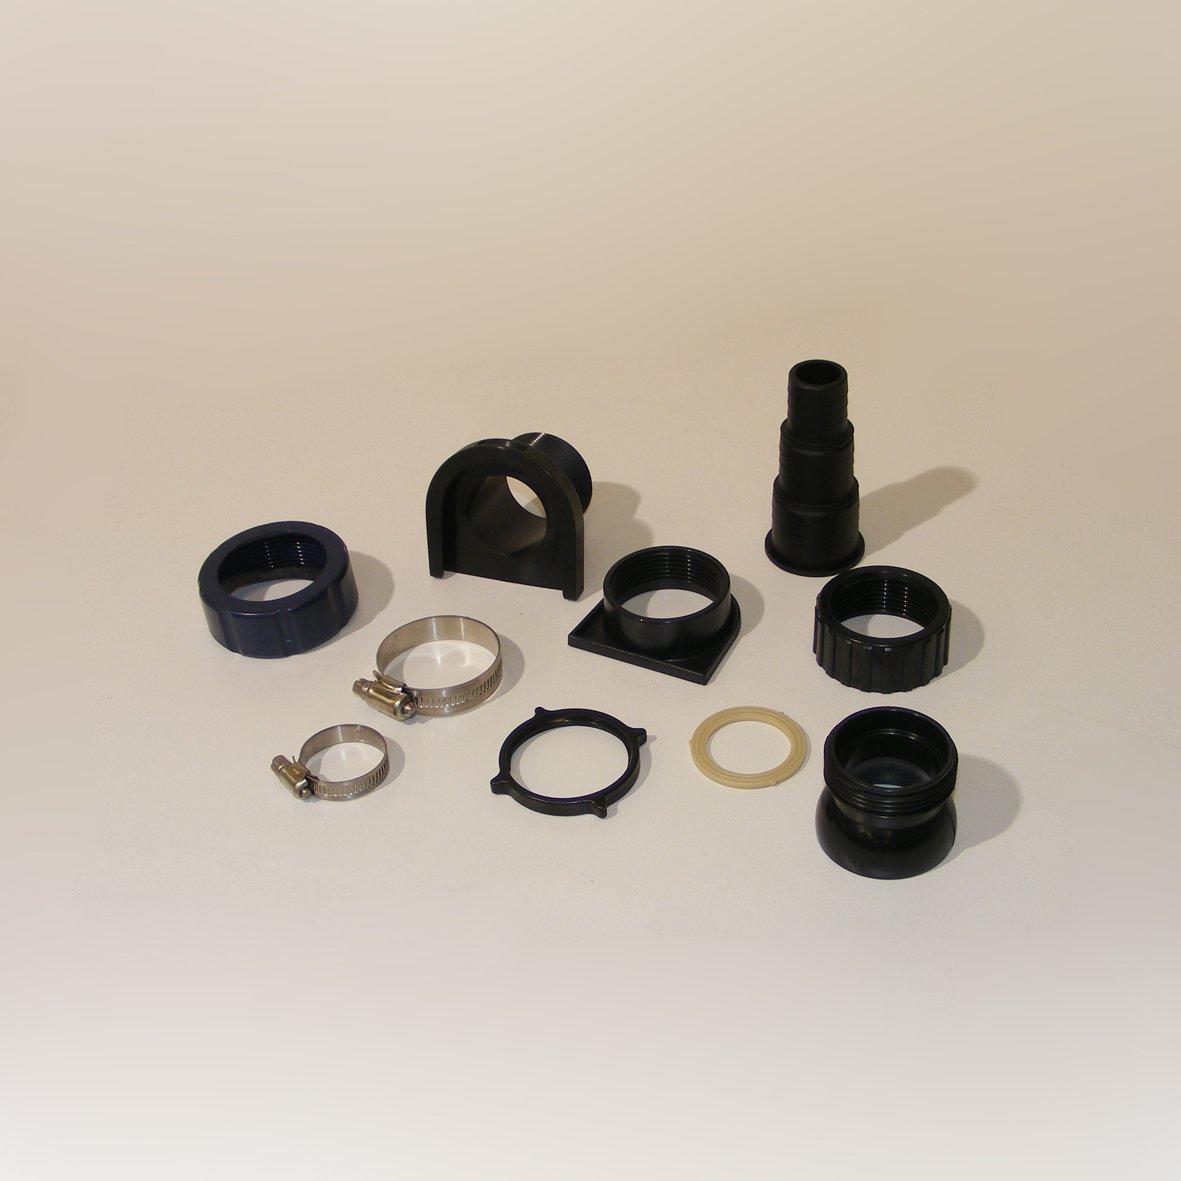 OASE 35505 Pumpenanschluss BioSys Skimmer